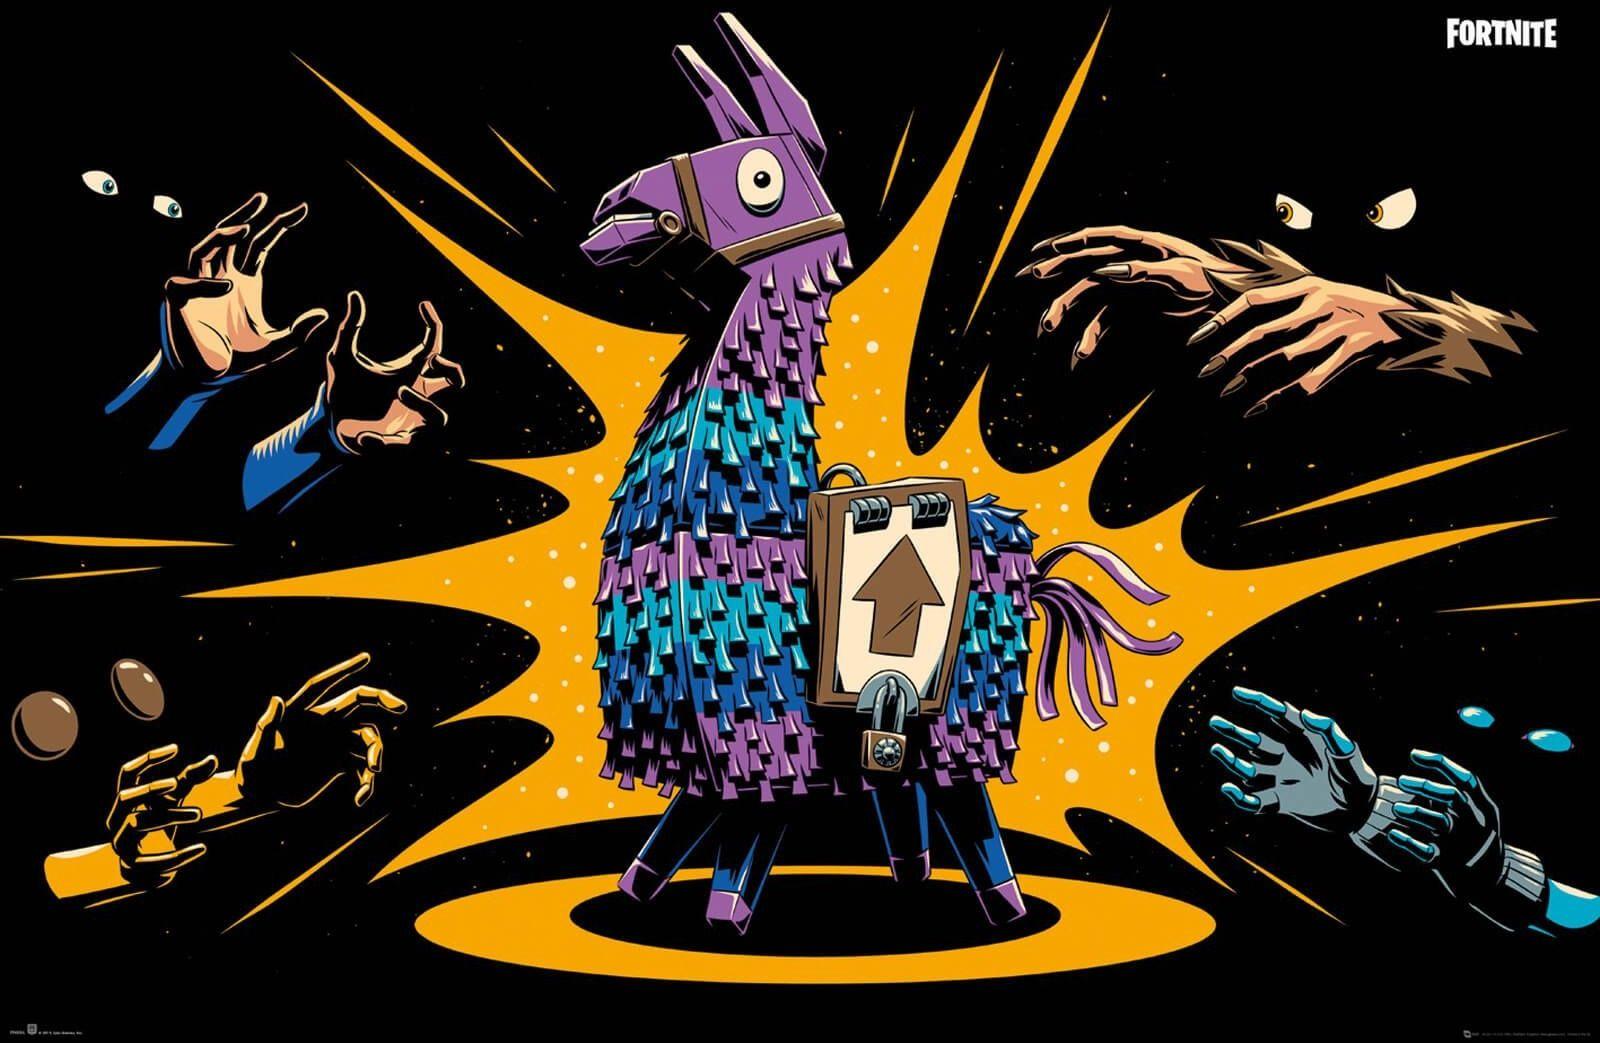 Fortnite loot llama - plakat